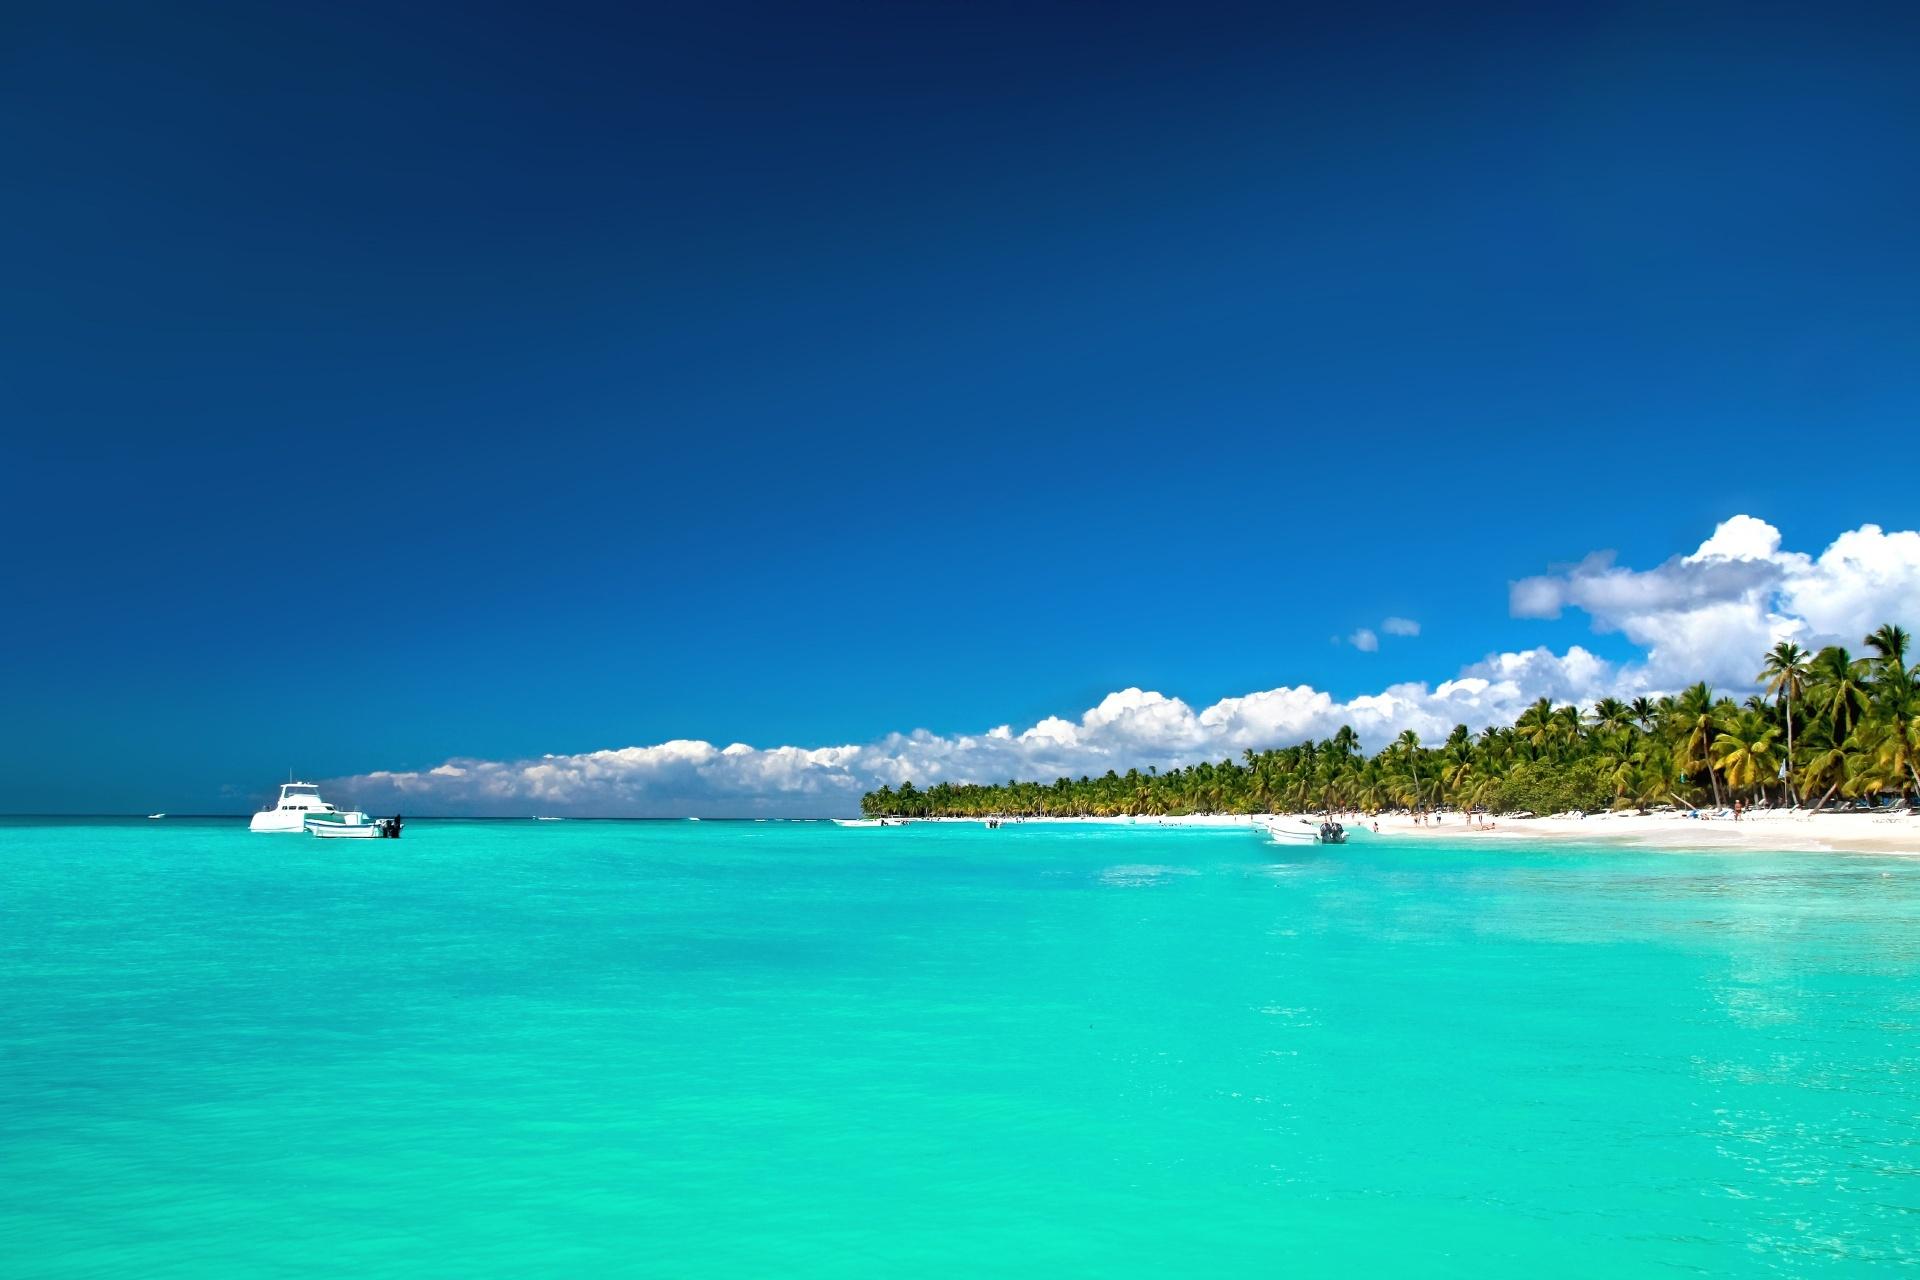 カリブ海 サオナ島の風景 ドミニカ共和国の風景